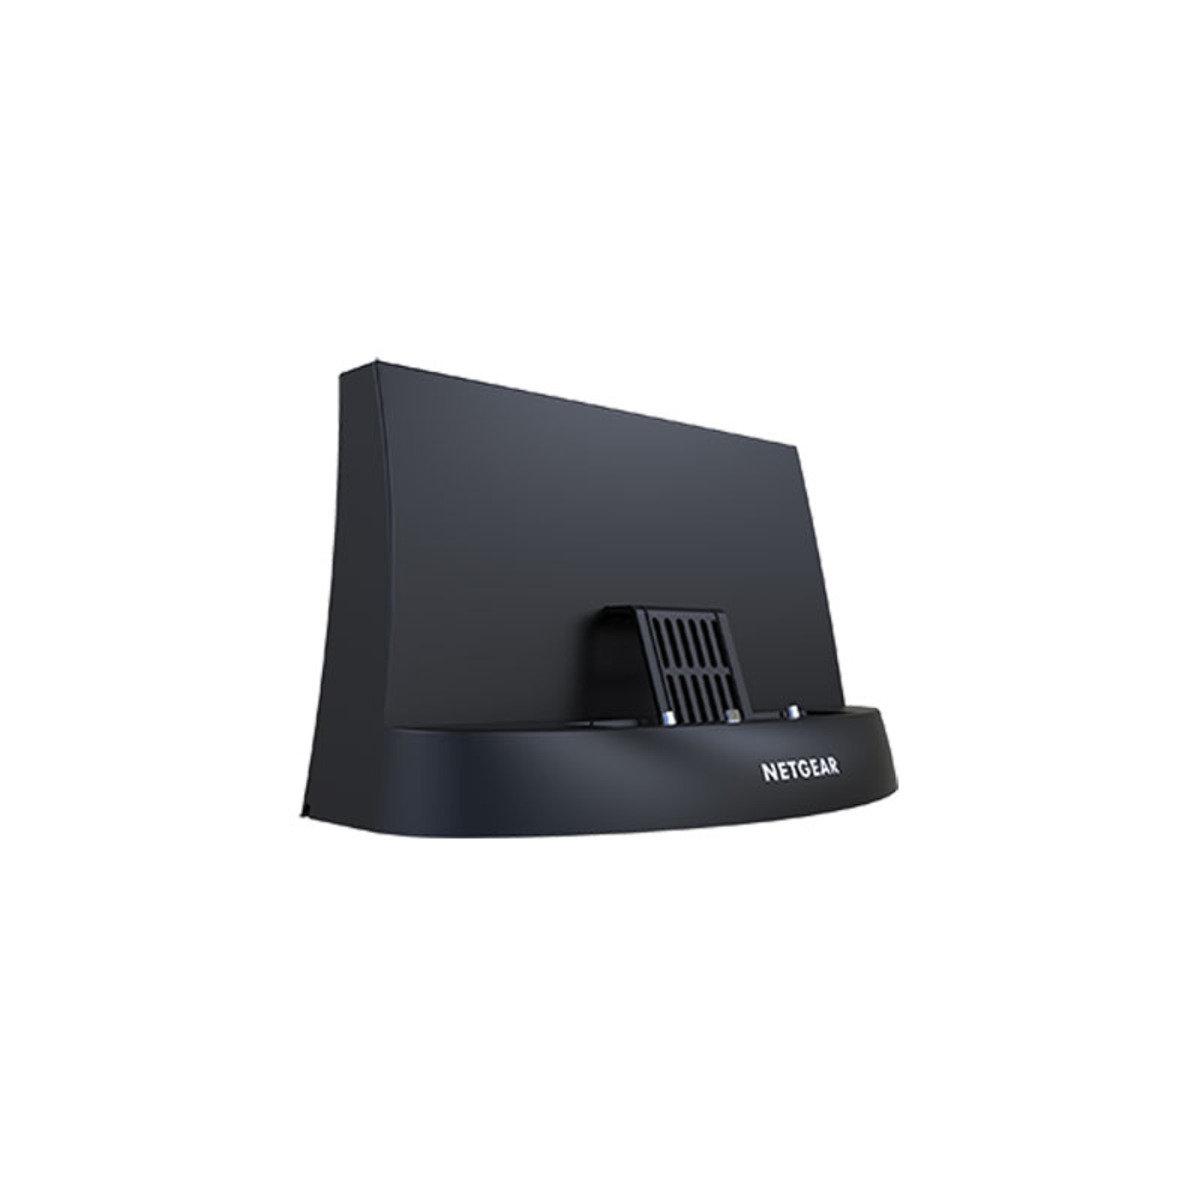 3G/4G LTE 行動網絡熱點 785S 專用訊號增強底座 DC113A